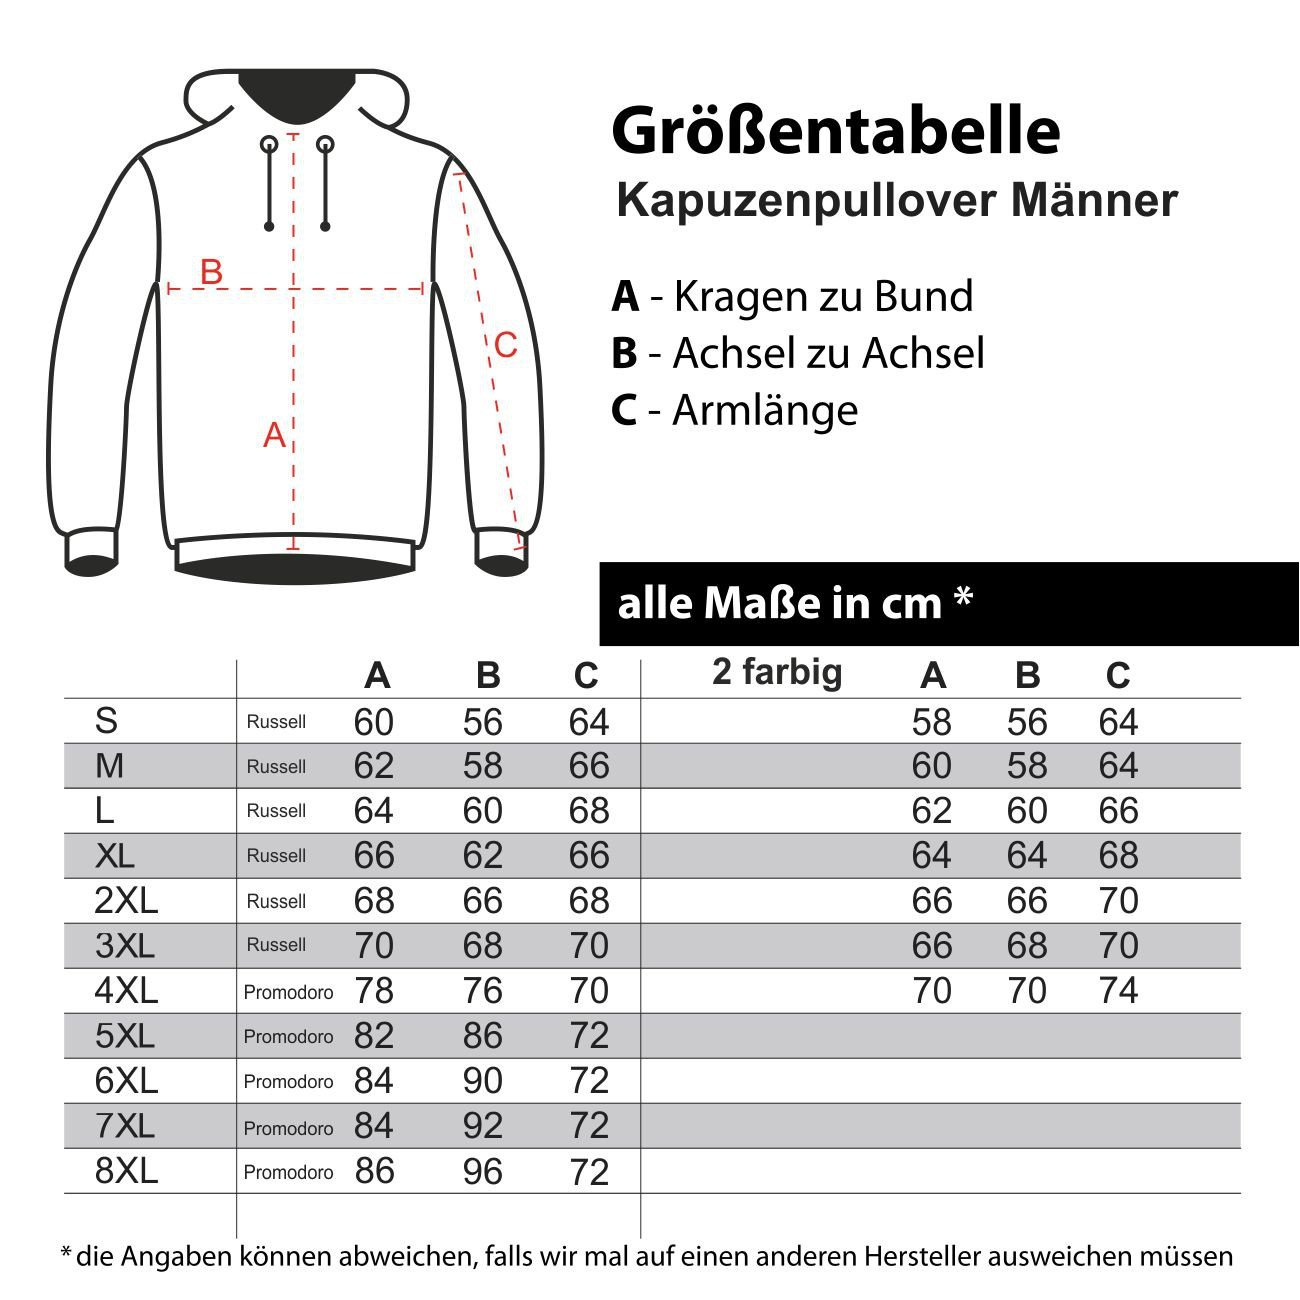 Männer Größe und Herren Kapuzenpullover Leverkusen Niemals aufgeben Größe Männer S - 8XL 83132f